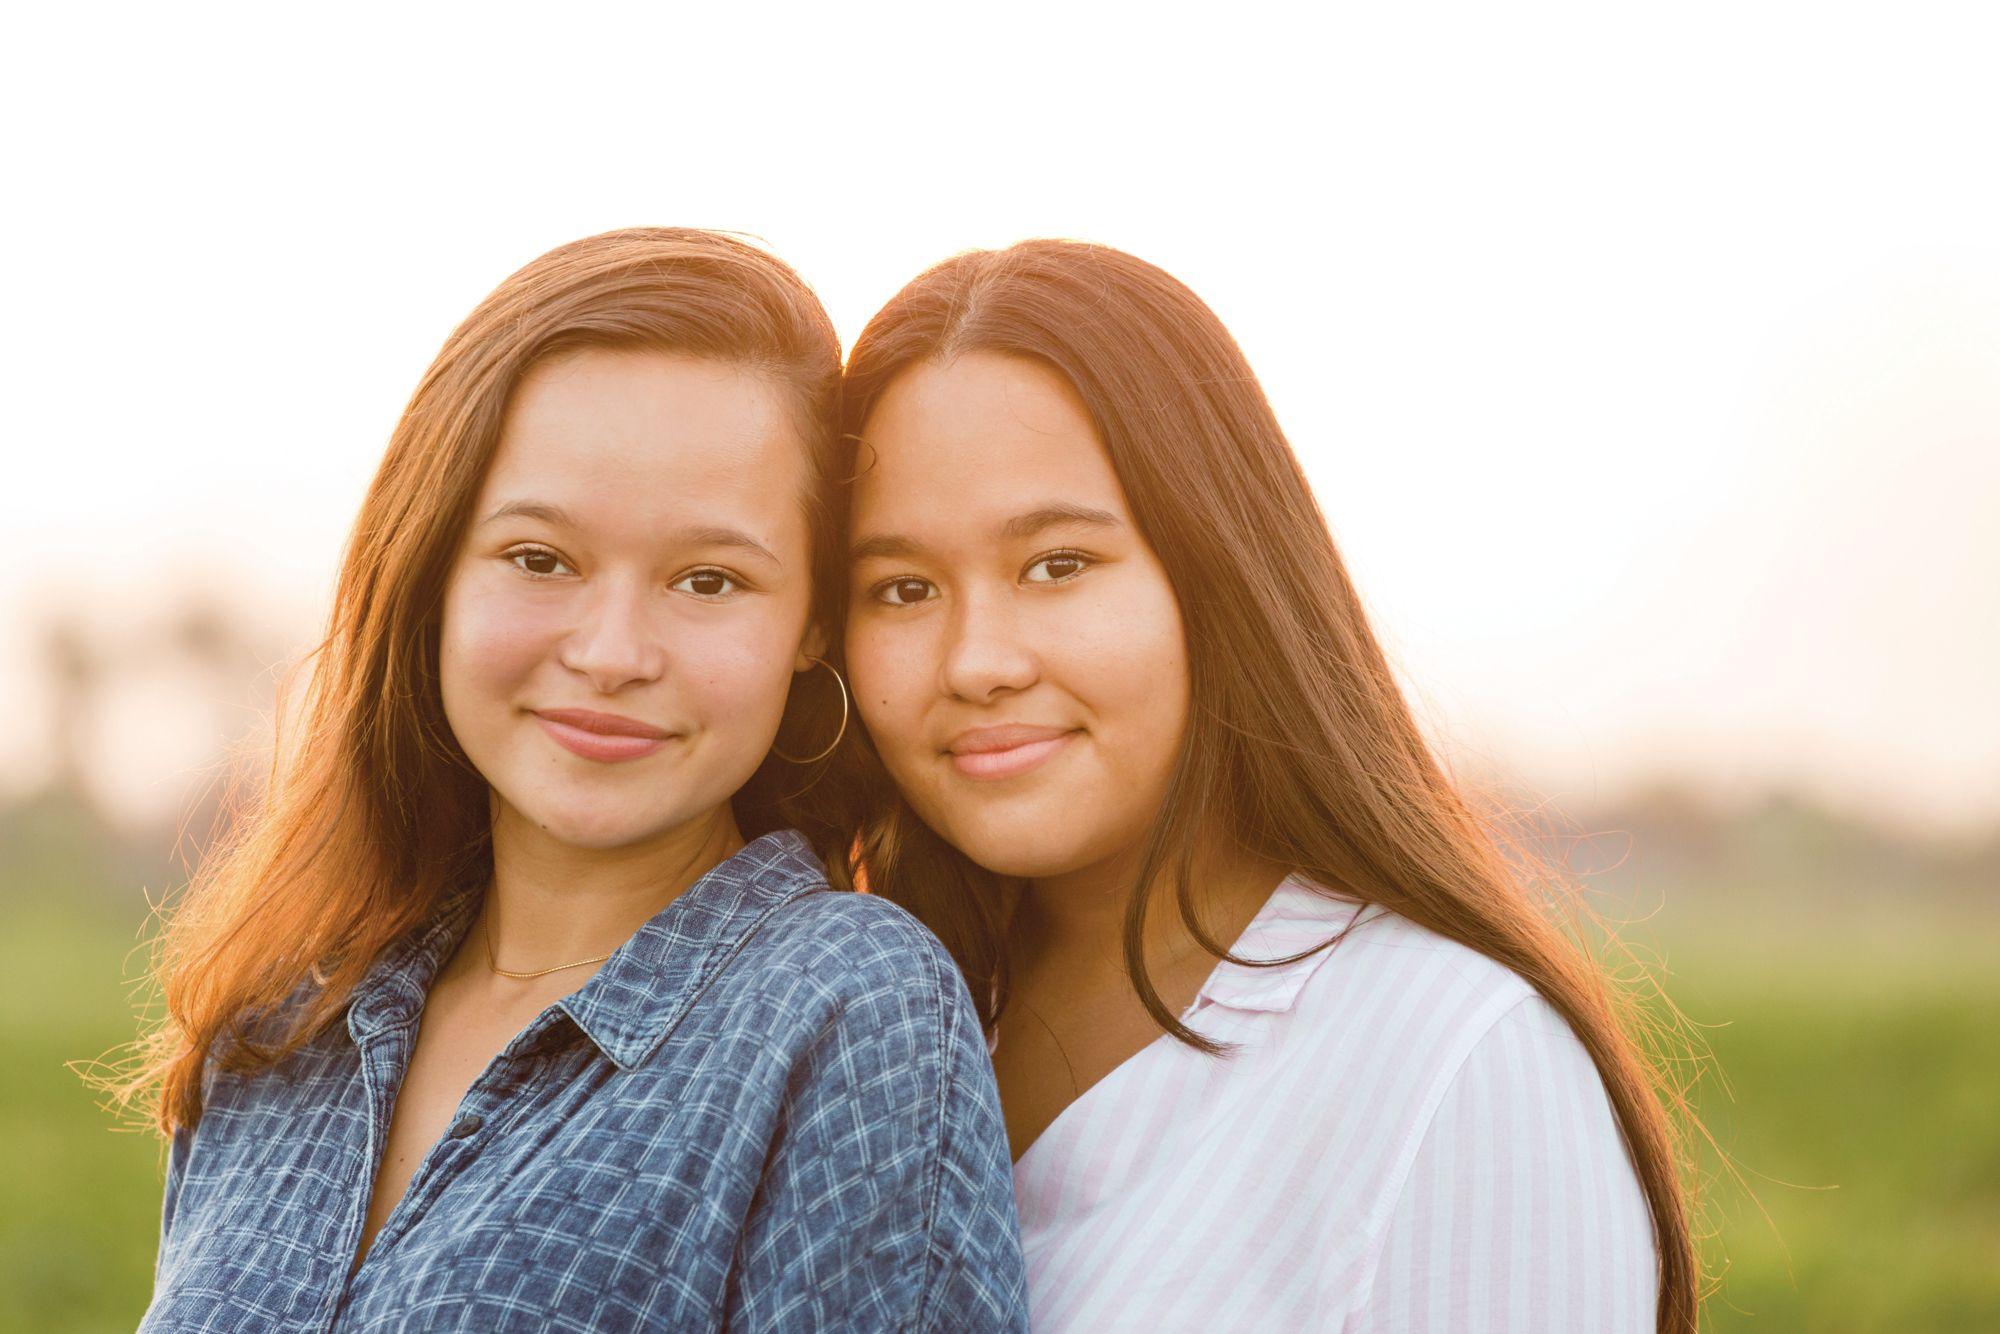 【2020亞洲最具影響力人物】向塑膠袋說掰掰!峇里島姐妹Isabel & Melati Wijsen以環保影響世界